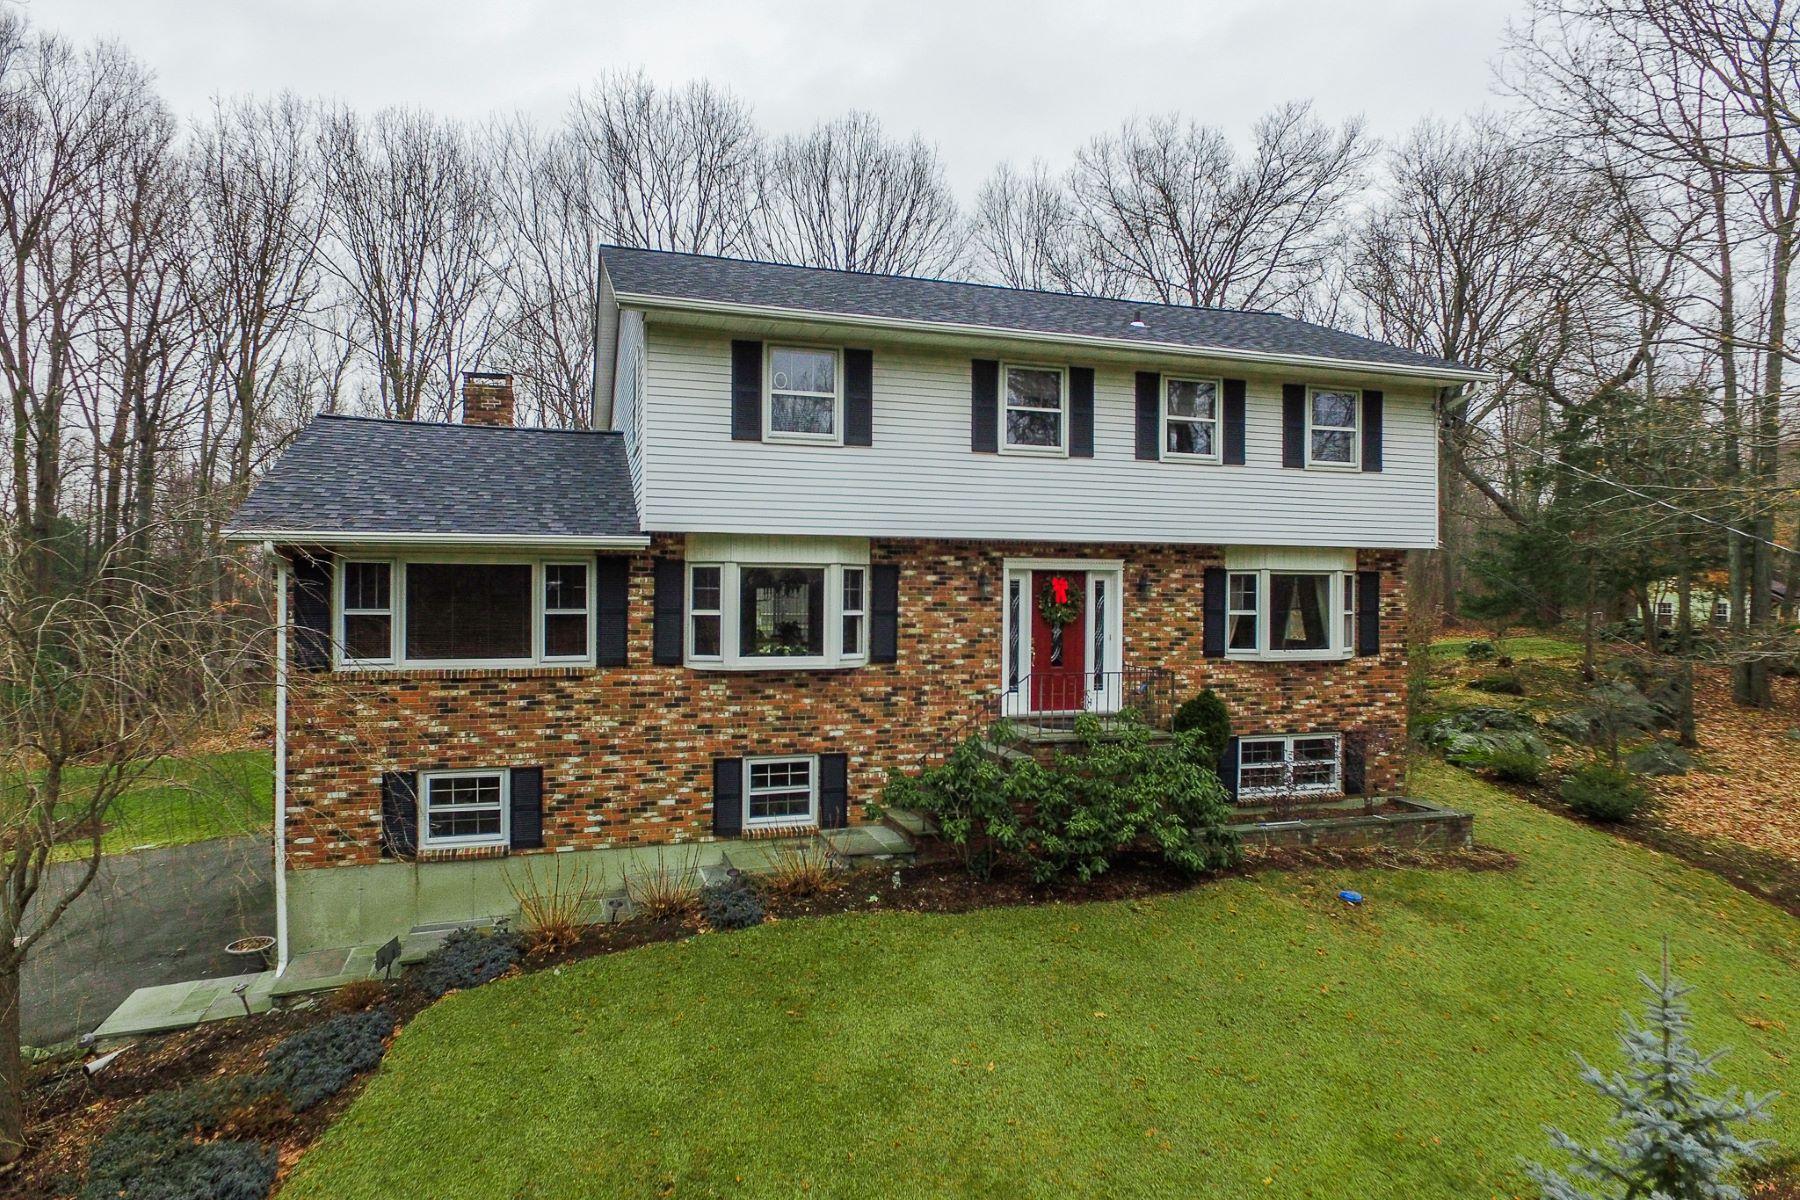 Casa para uma família para Venda às Quality Built Colonial 113 Chambers Road Danbury, Connecticut, 06811 Estados Unidos